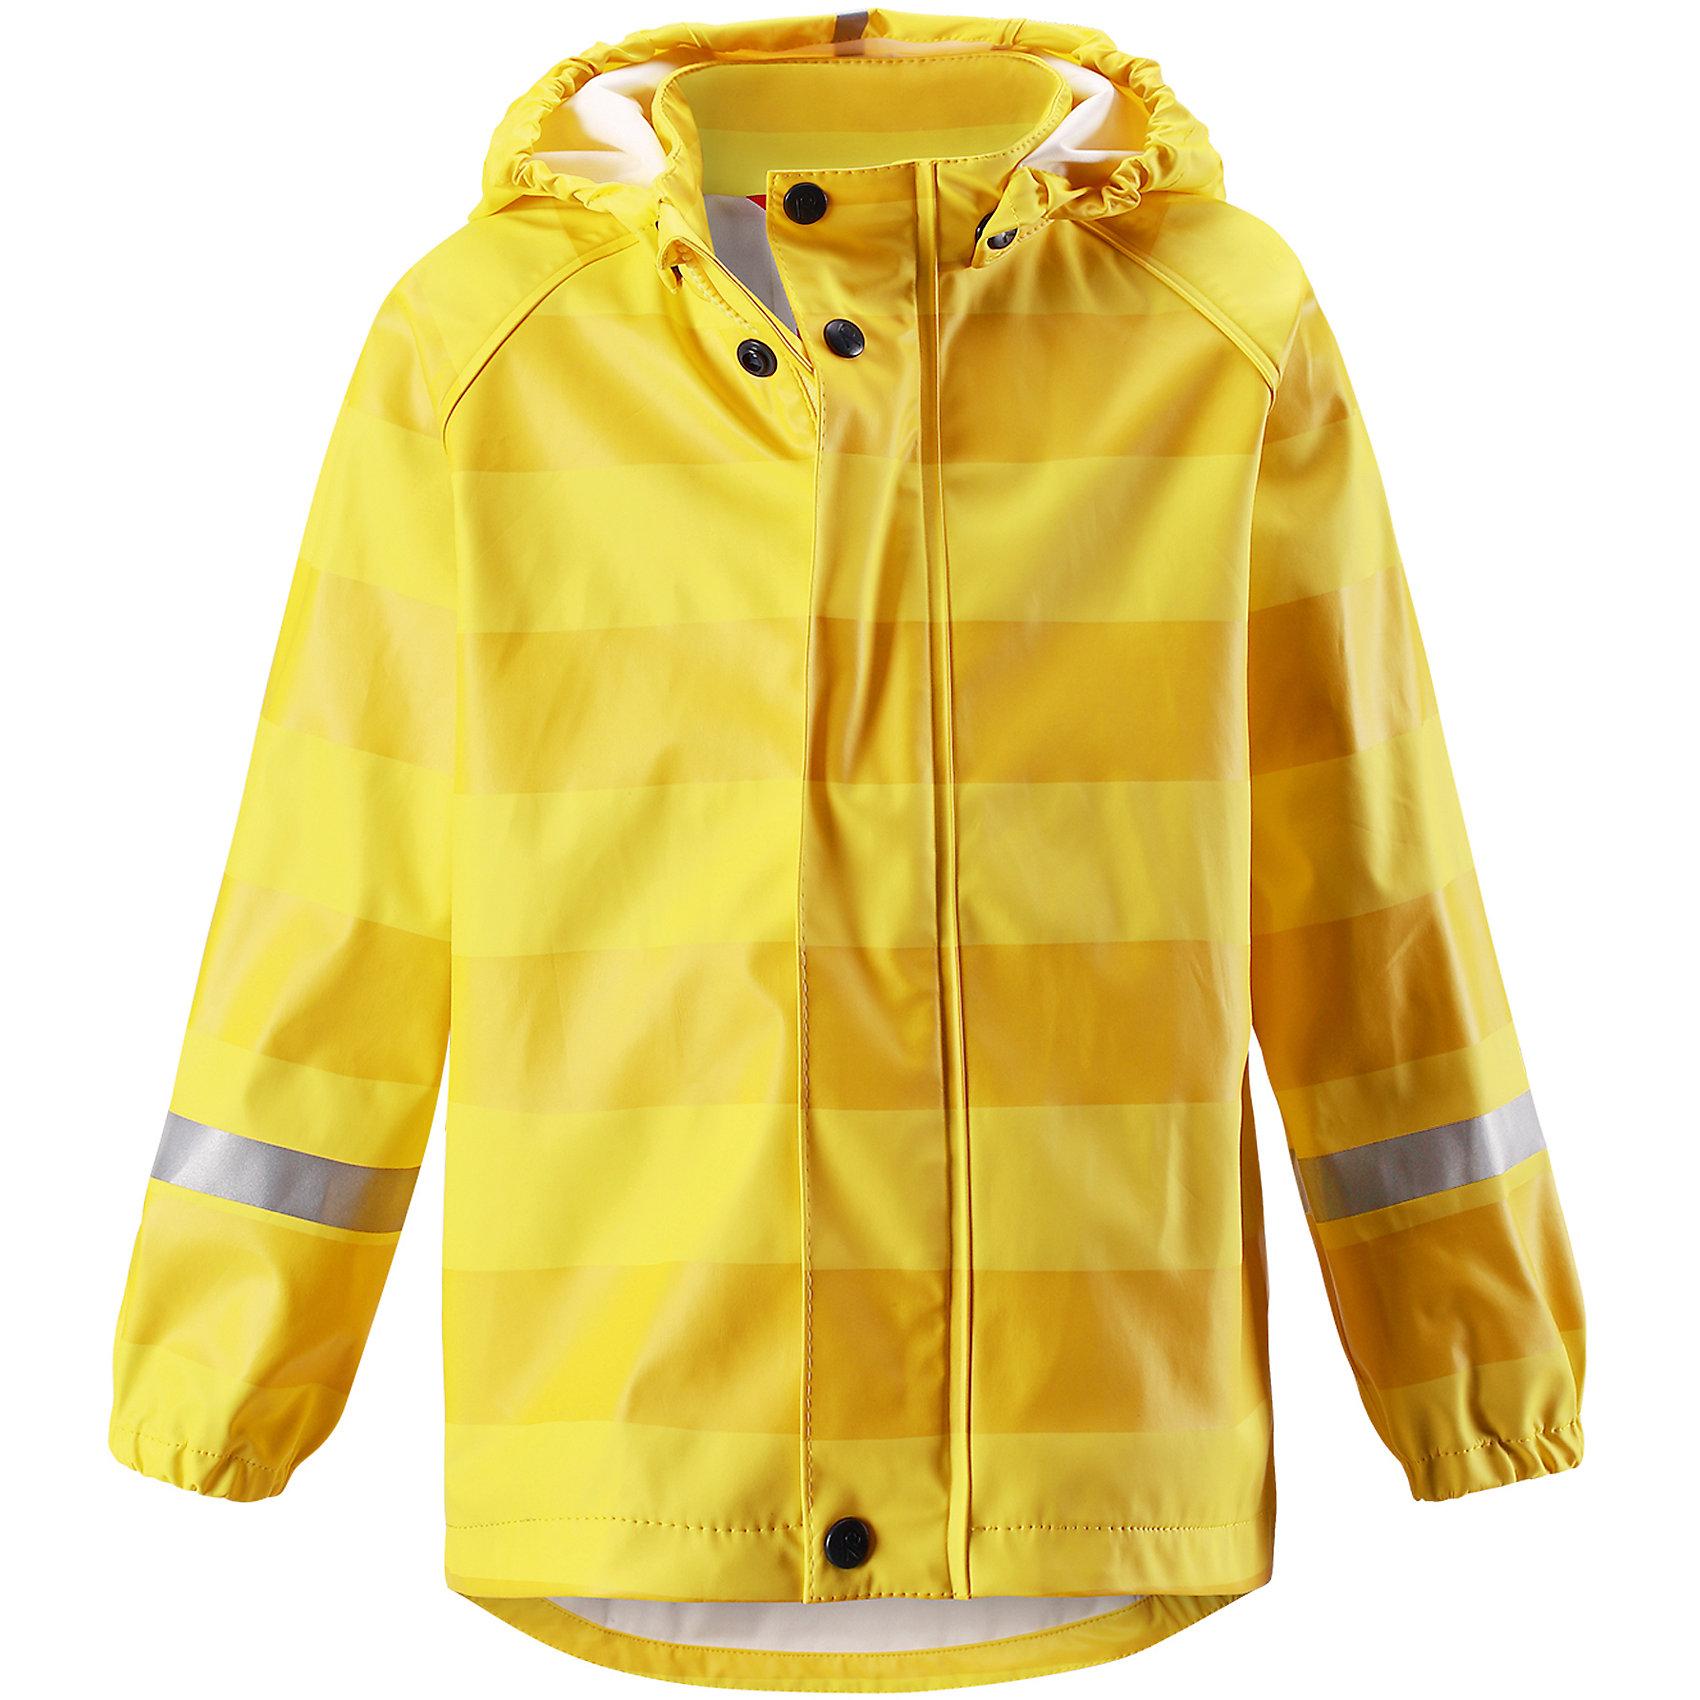 Плащ-дождевик Vesi ReimaСицилия<br>Характеристики товара:<br><br>• цвет: желтый<br>• состав: 100% полиэстер, полиуретановое покрытие<br>• температурный режим: от +10° до +20°С<br>• водонепроницаемость: 10000 мм<br>• без утеплителя<br>• водонепроницаемый материал с запаянными швами<br>• эластичный материал<br>• можно пристёгивать промежуточные слои Reima® с помощью кнопок Play Layers®<br>• не содержит ПВХ<br>• безопасный съёмный капюшон<br>• спереди застегивается на молнию<br>• эластичные манжеты<br>• светоотражающие детали<br>• комфортная посадка<br>• страна производства: Китай<br>• страна бренда: Финляндия<br>• коллекция: весна-лето 2017<br><br>Верхняя одежда для детей может быть модной и комфортной одновременно! Легкий плащ поможет обеспечить ребенку комфорт и тепло. Он отлично смотрится с различной одеждой и обувью. Изделие удобно сидит и модно выглядит. Материал - прочный, хорошо подходящий для дождливой погоды. Стильный дизайн разрабатывался специально для детей.<br><br>Одежда и обувь от финского бренда Reima пользуется популярностью во многих странах. Эти изделия стильные, качественные и удобные. Для производства продукции используются только безопасные, проверенные материалы и фурнитура. Порадуйте ребенка модными и красивыми вещами от Reima! <br><br>Плащ для мальчика от финского бренда Reima (Рейма) можно купить в нашем интернет-магазине.<br><br>Ширина мм: 356<br>Глубина мм: 10<br>Высота мм: 245<br>Вес г: 519<br>Цвет: желтый<br>Возраст от месяцев: 36<br>Возраст до месяцев: 48<br>Пол: Унисекс<br>Возраст: Детский<br>Размер: 104,116,122,128,110,134,140,86,92,98<br>SKU: 5270465